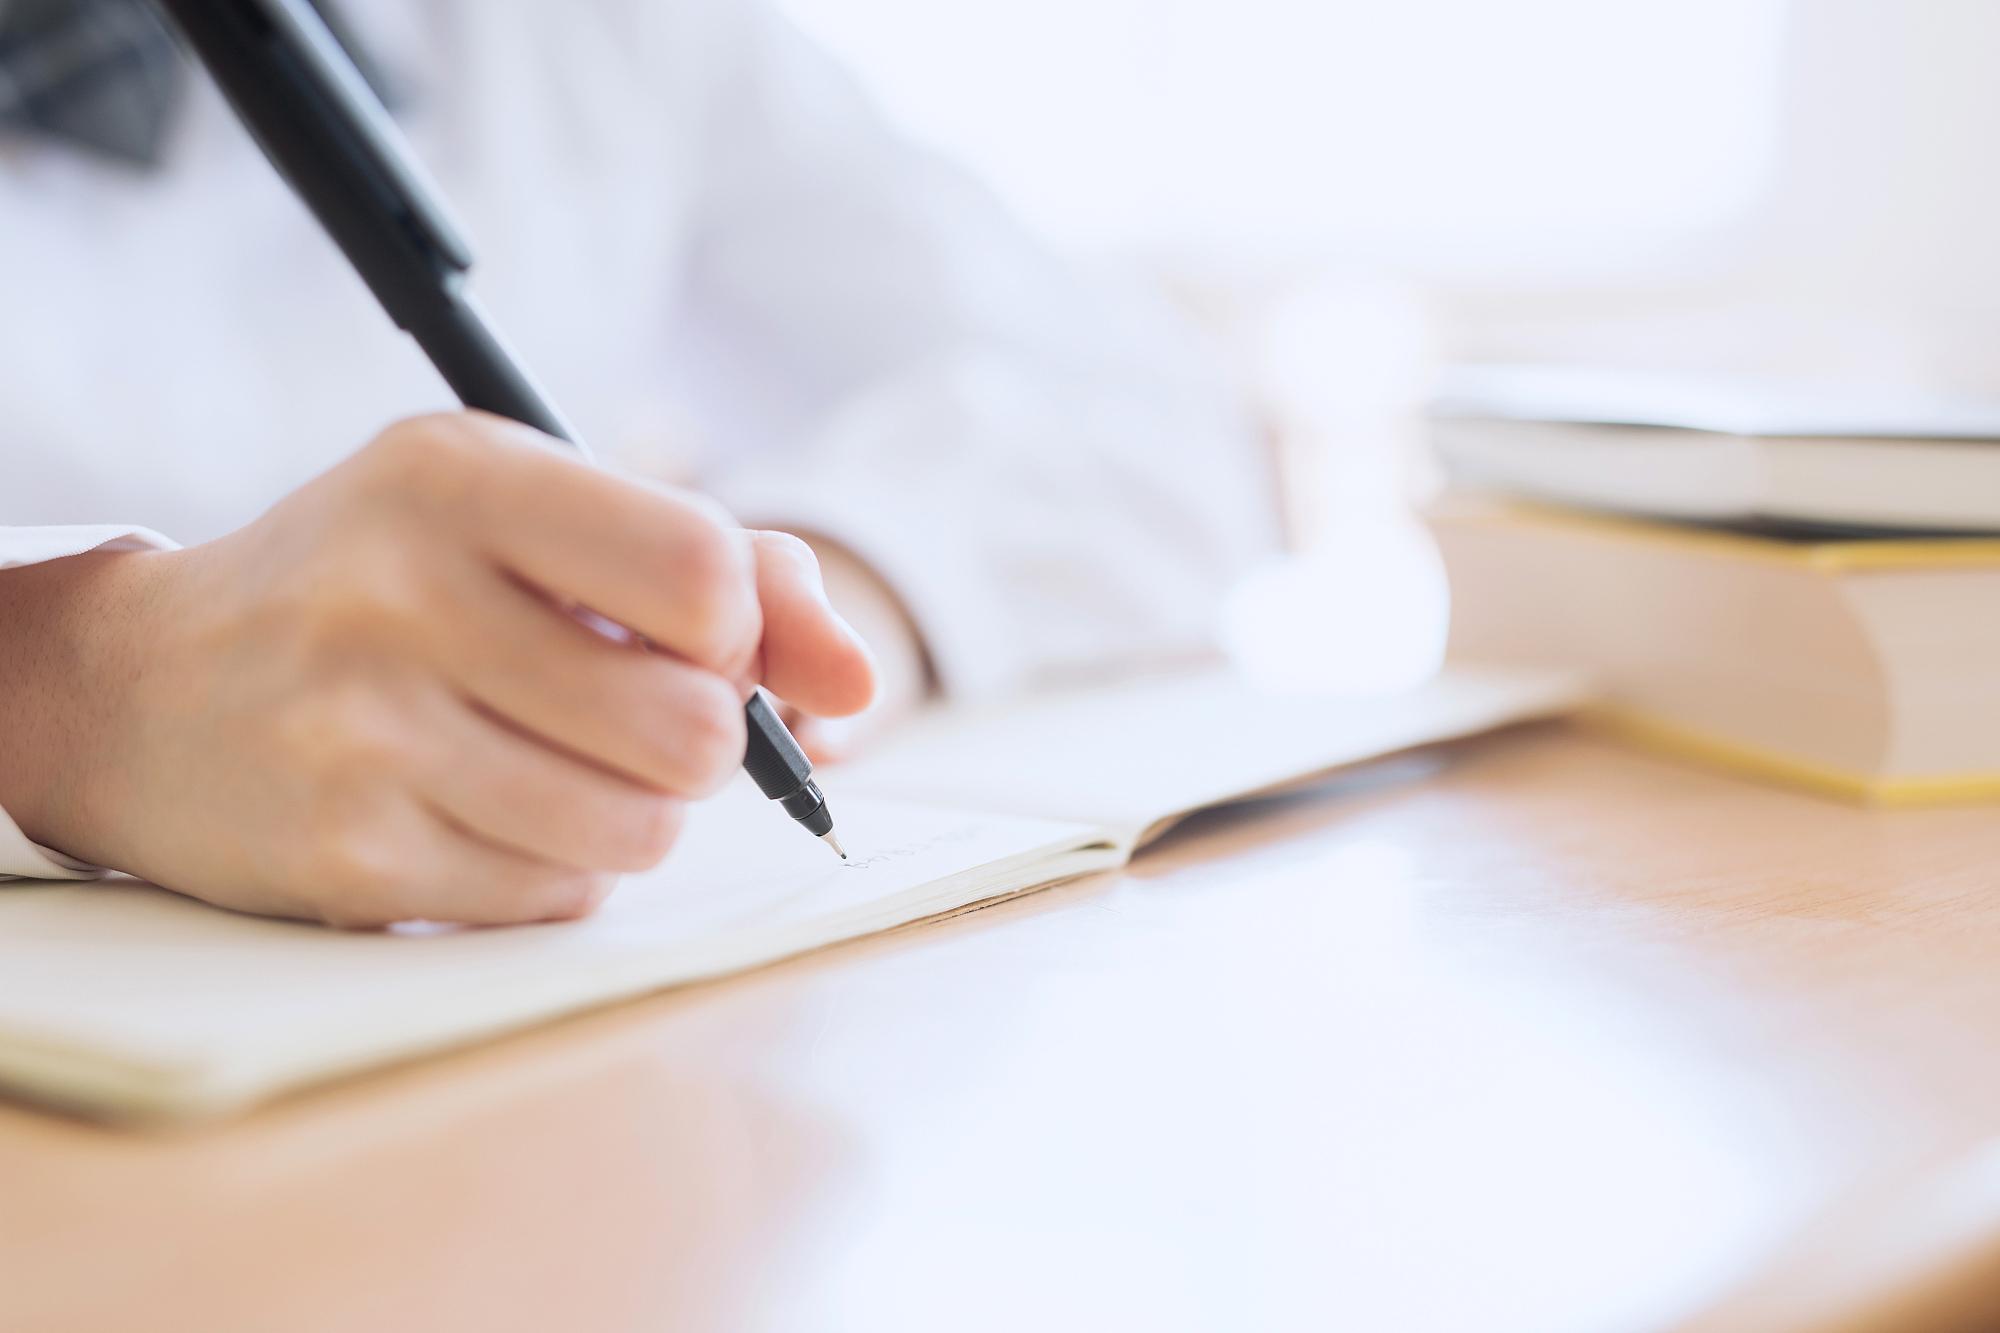 今年高考是否延迟?教育部:根据疫情发展审慎确定高考时间